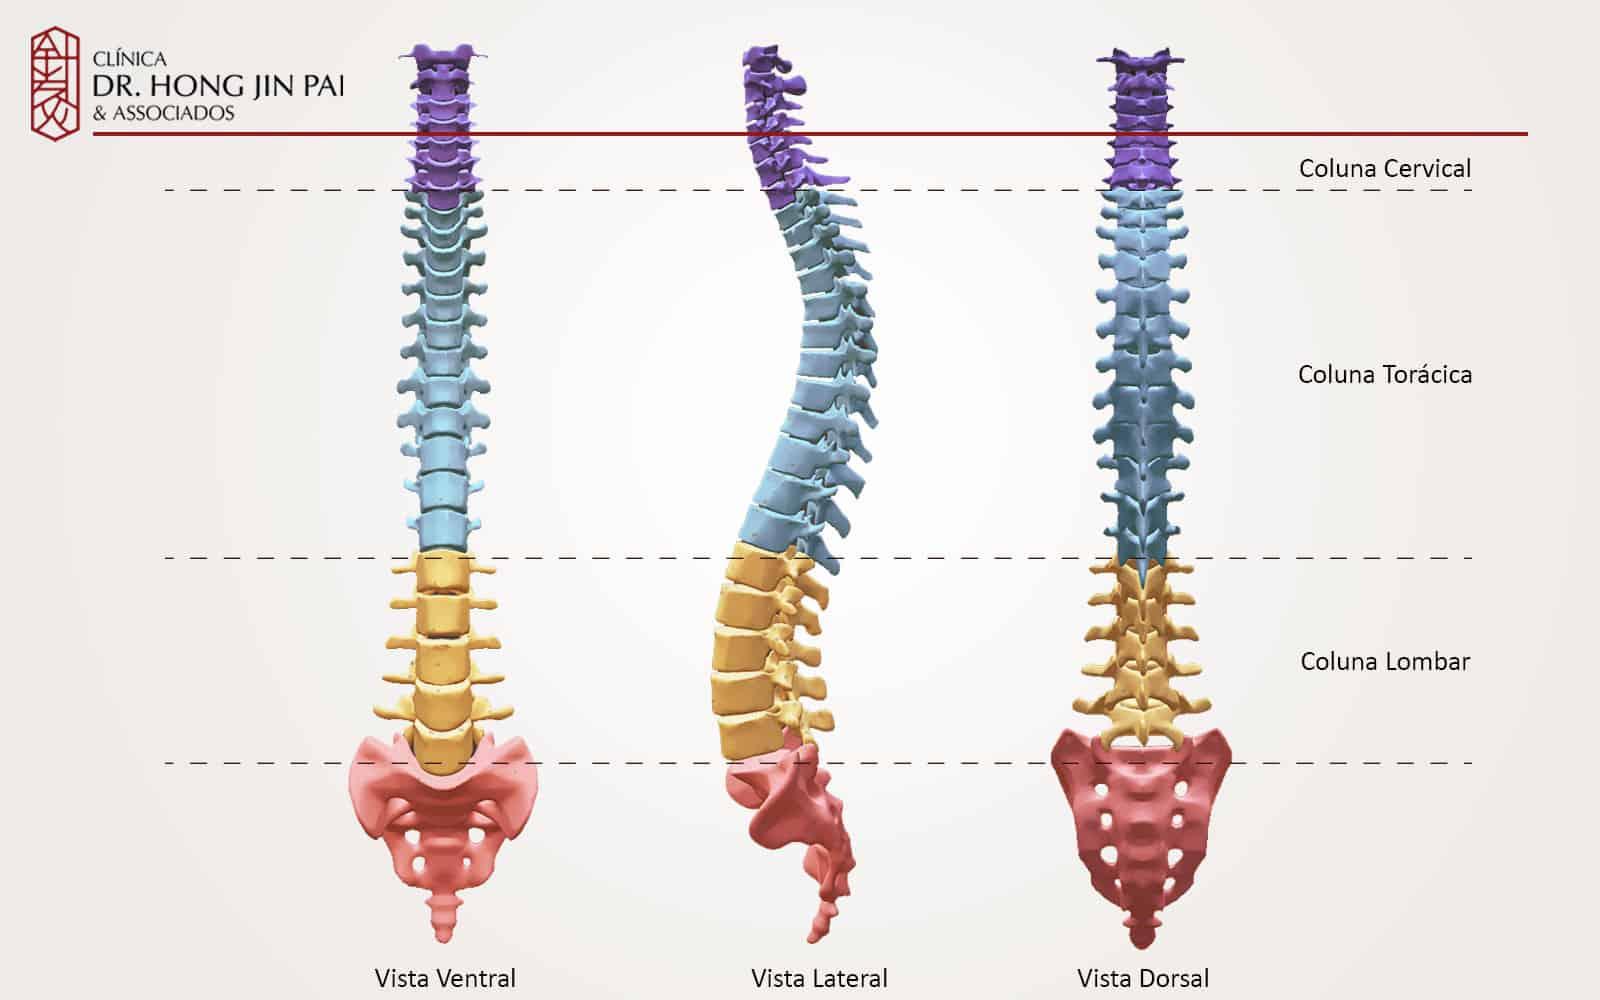 Divisões e curvaturas da coluna vertebral